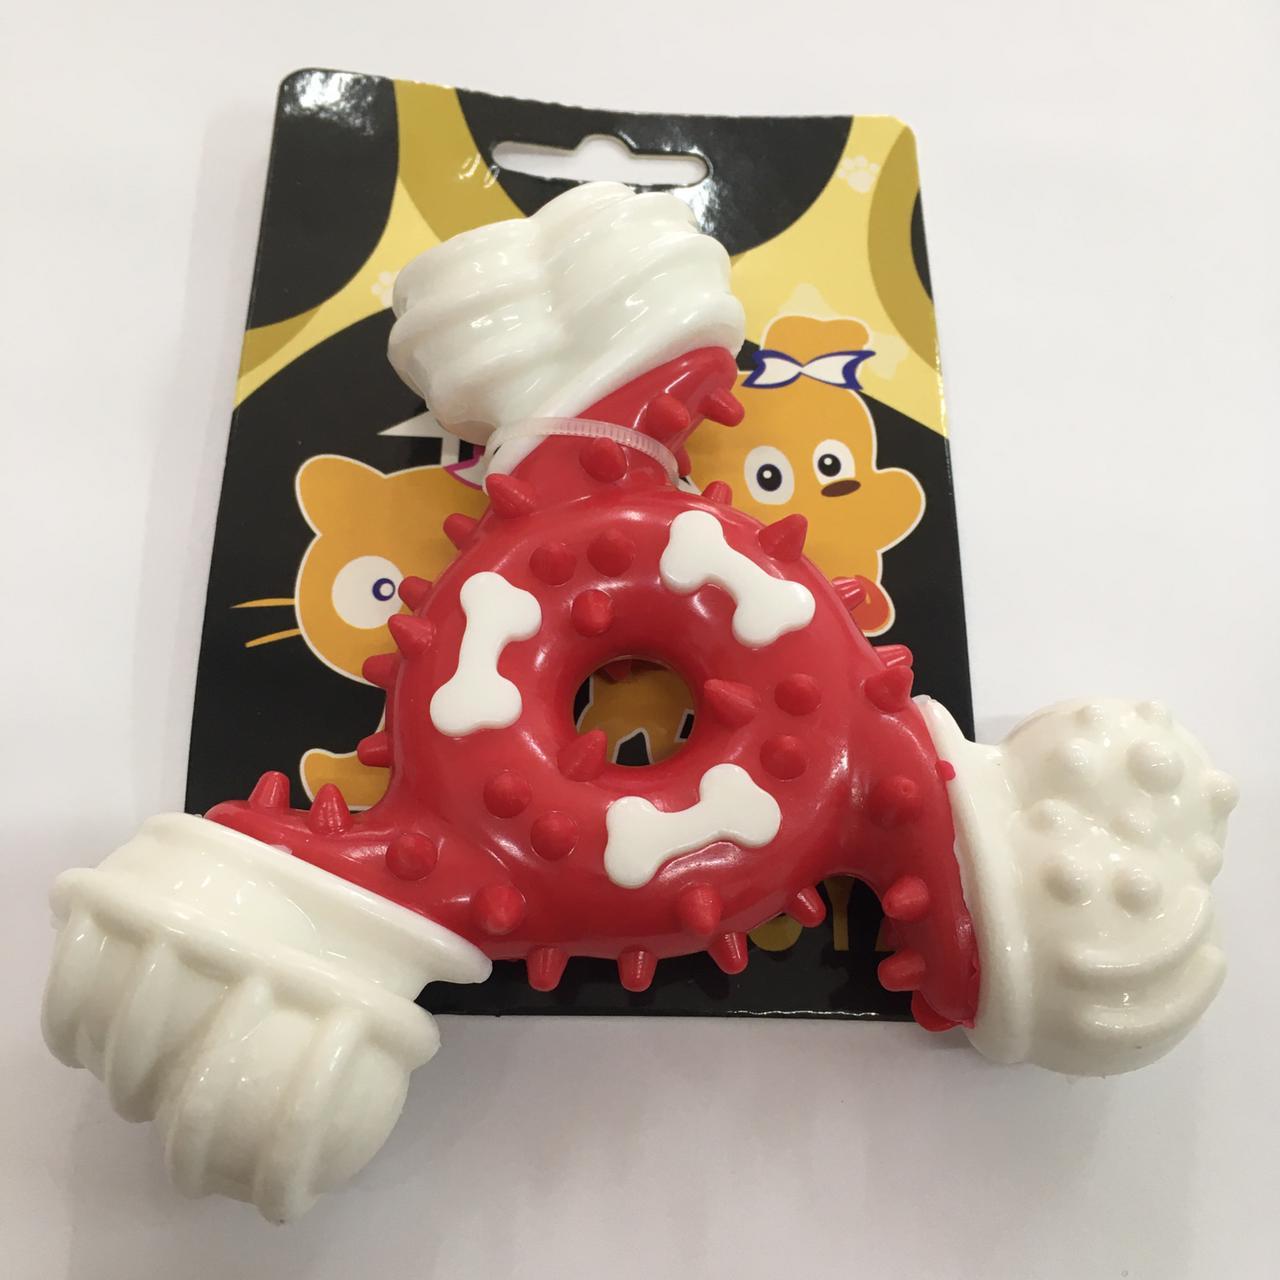 Brinquedo Mordedor Estrela de Nylon Rigido quase indrestutível